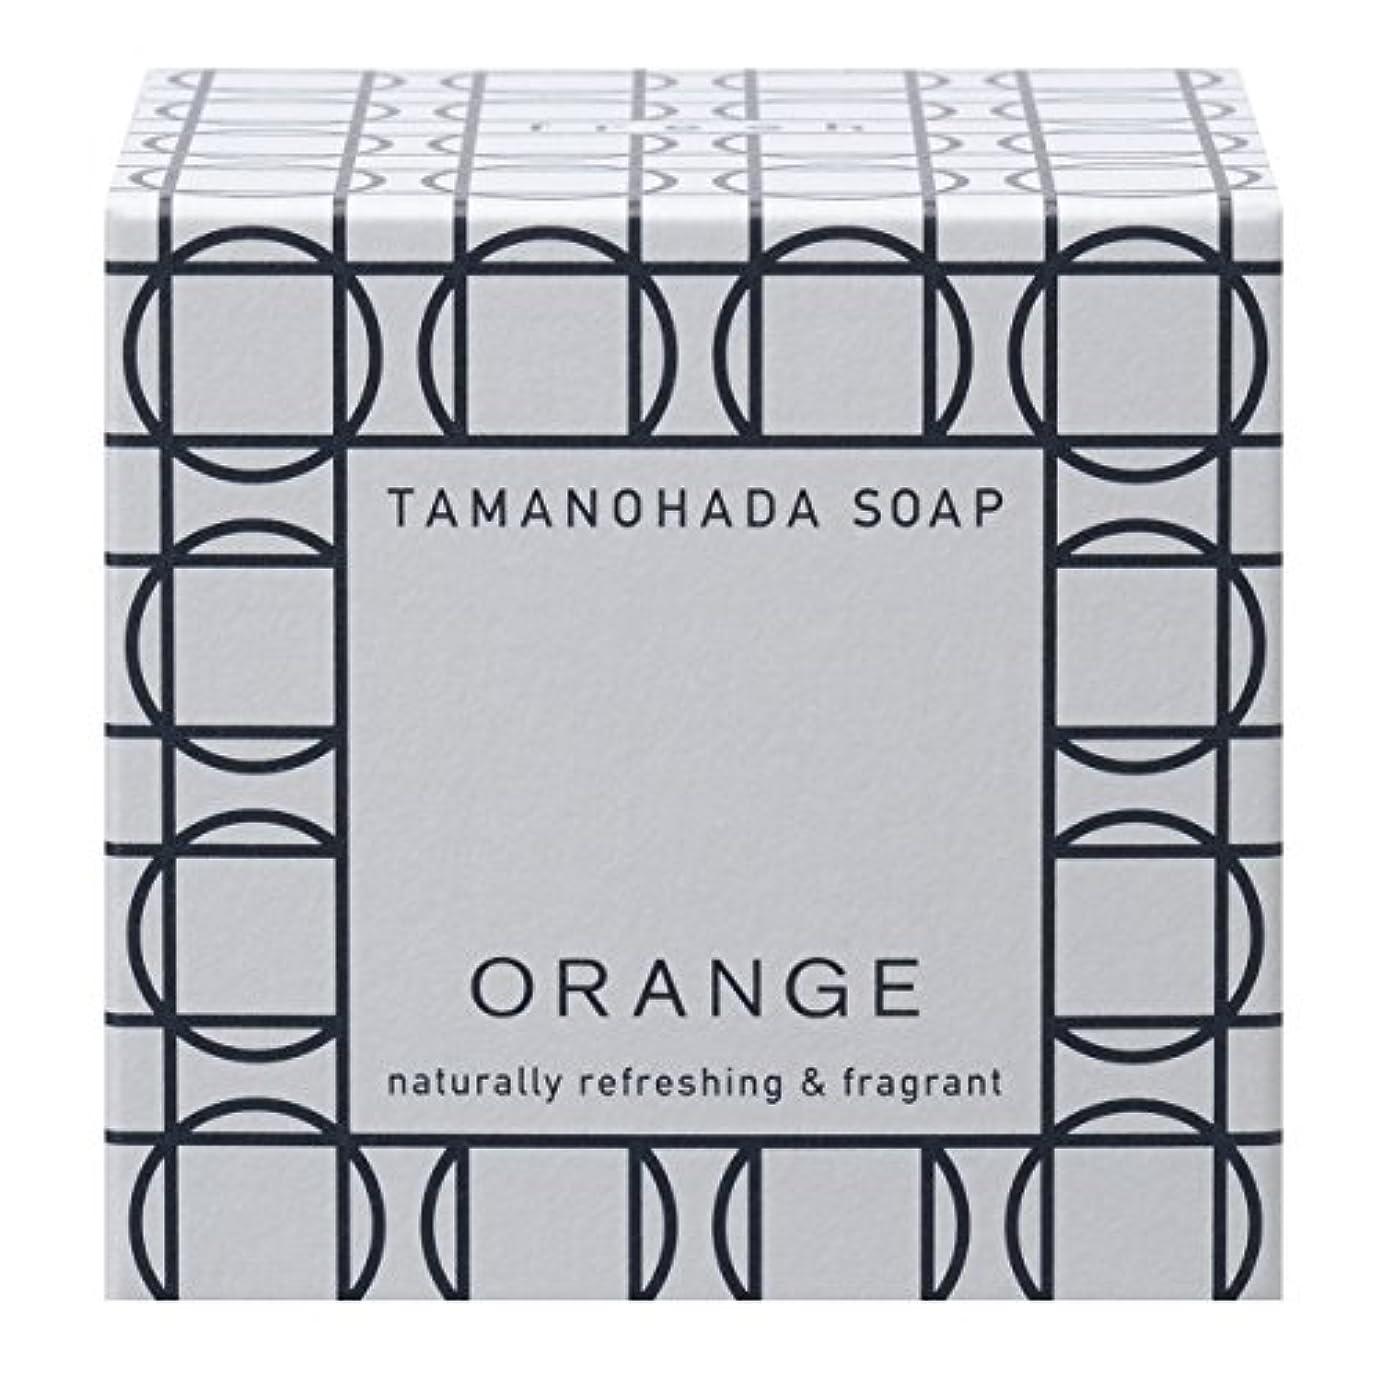 じゃない卵脅威タマノハダ ソープ 001 オレンジ 125g